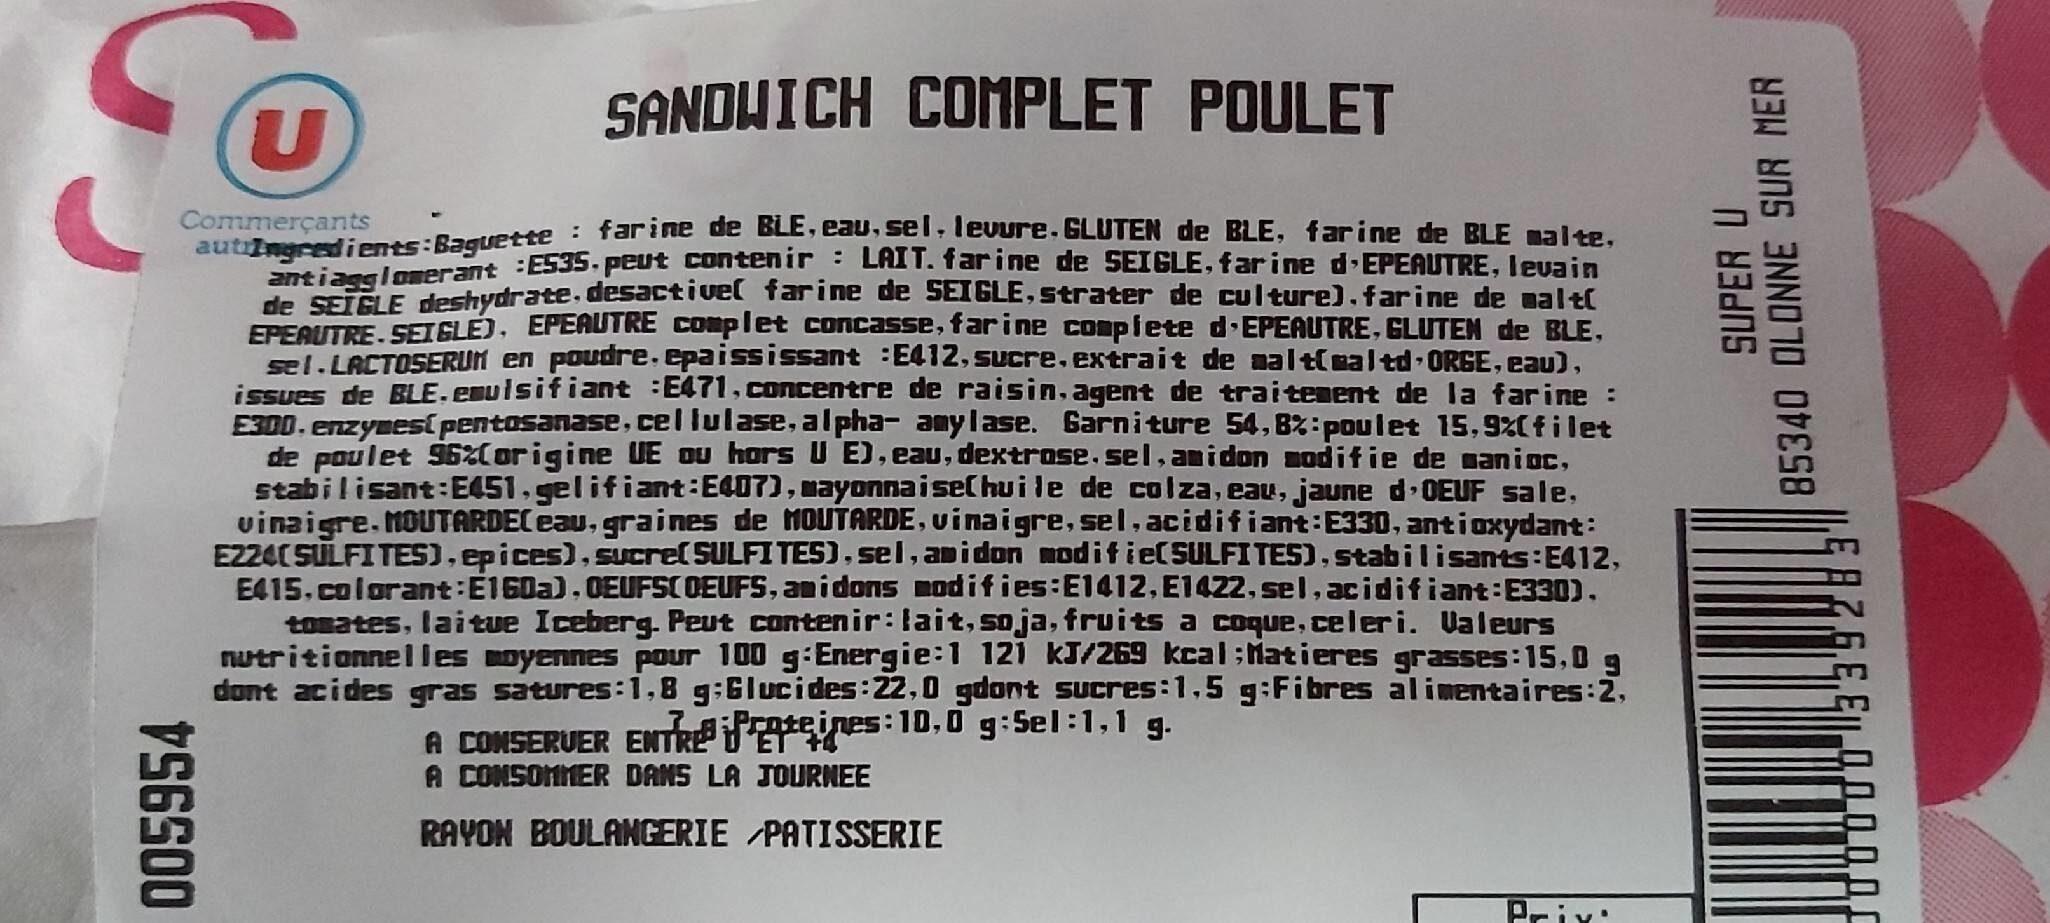 Sandwich complet poulet - Valori nutrizionali - fr